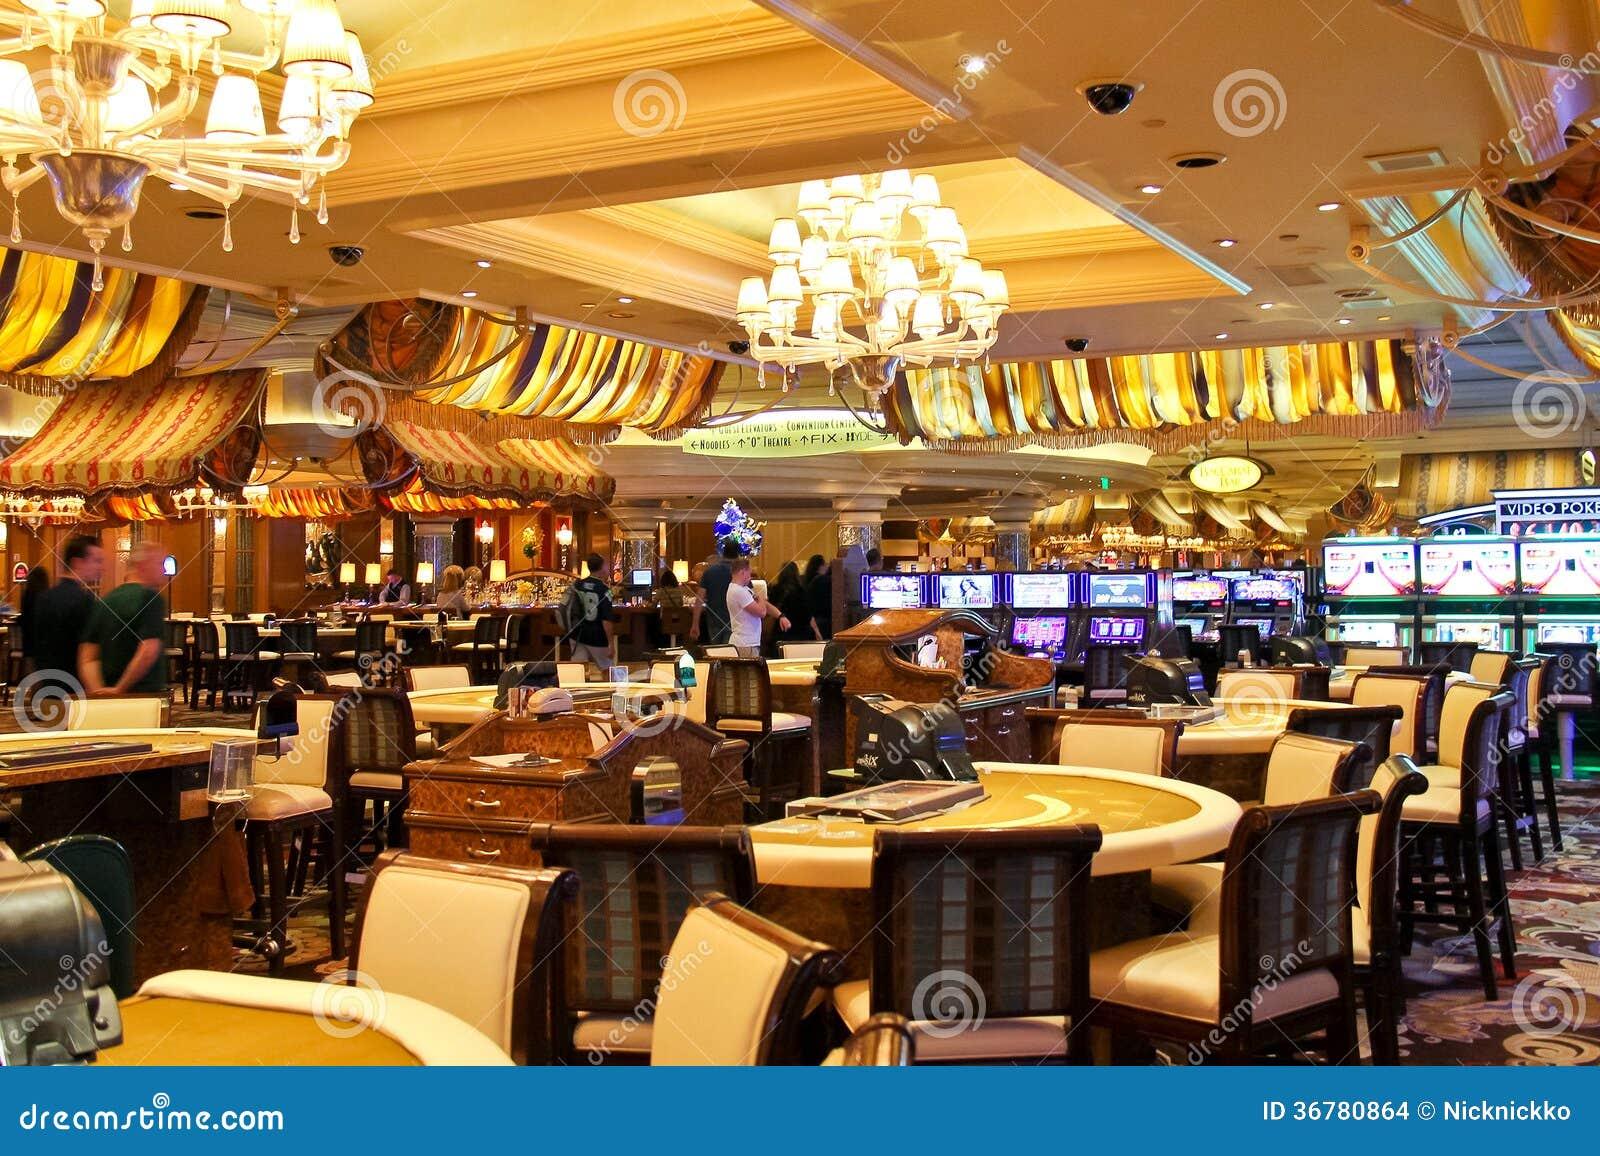 Казино в гостинице Bellagio в Лас-Вегас